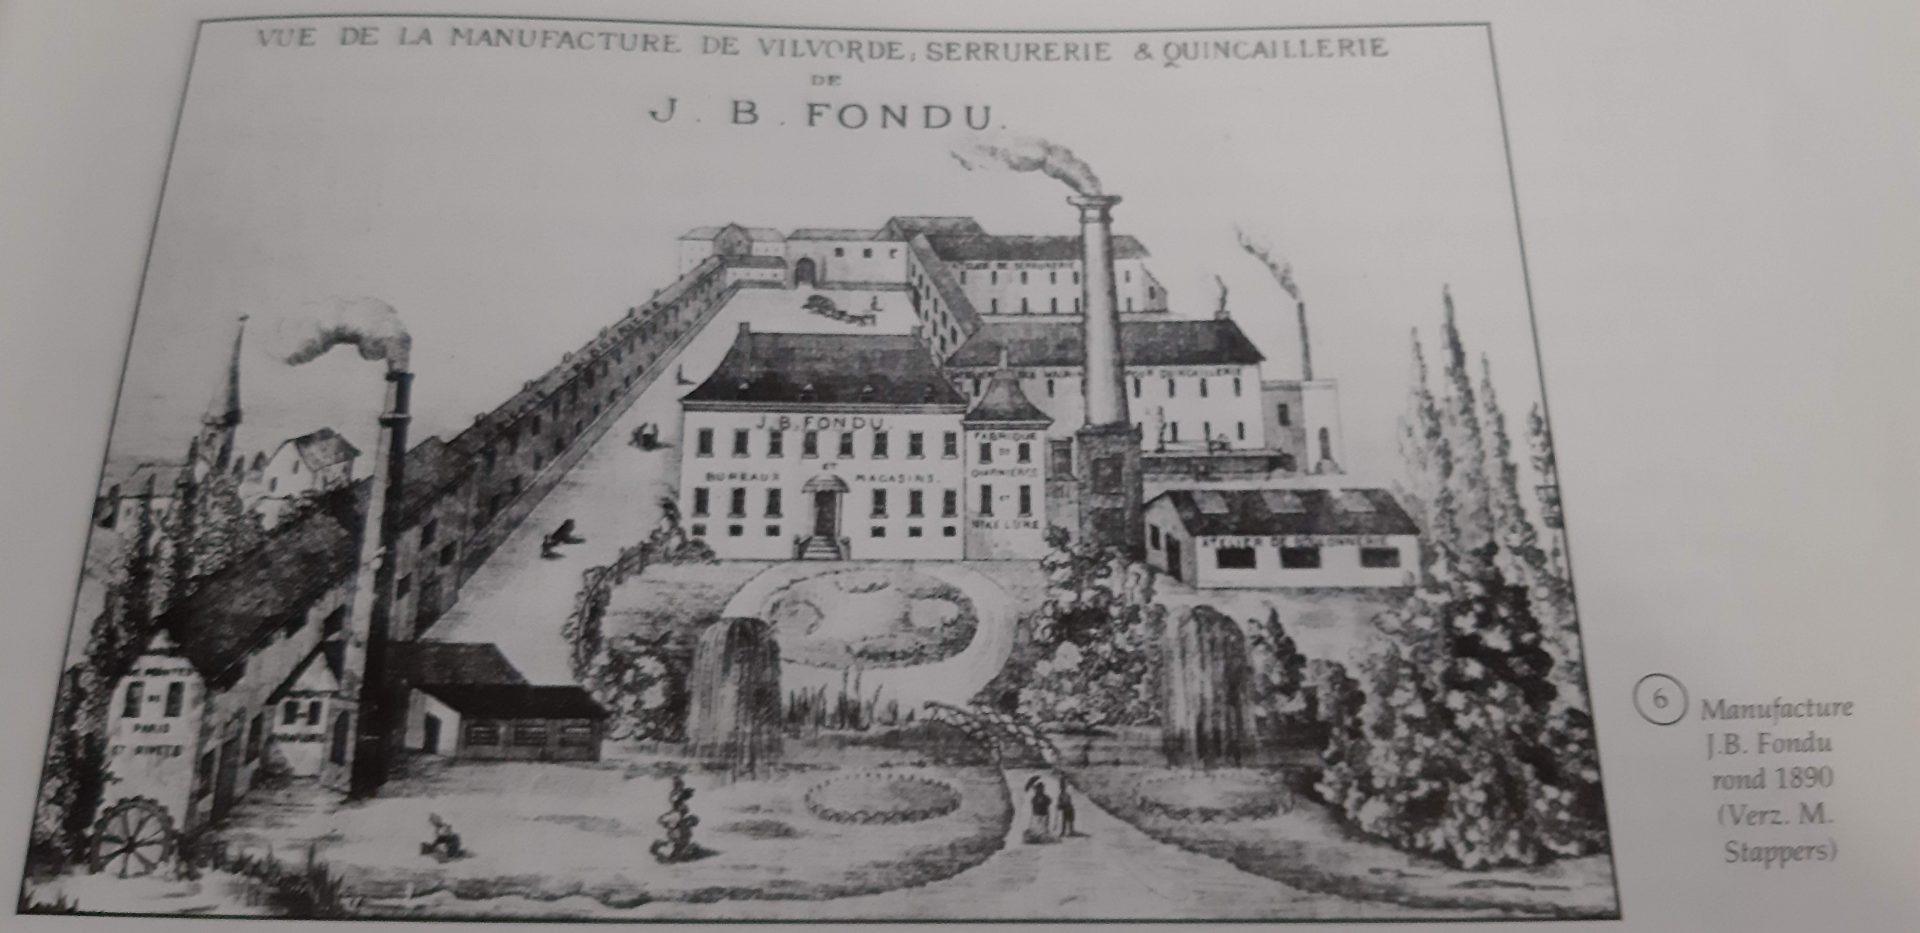 Mondiale was ooit de Fondu fabriek